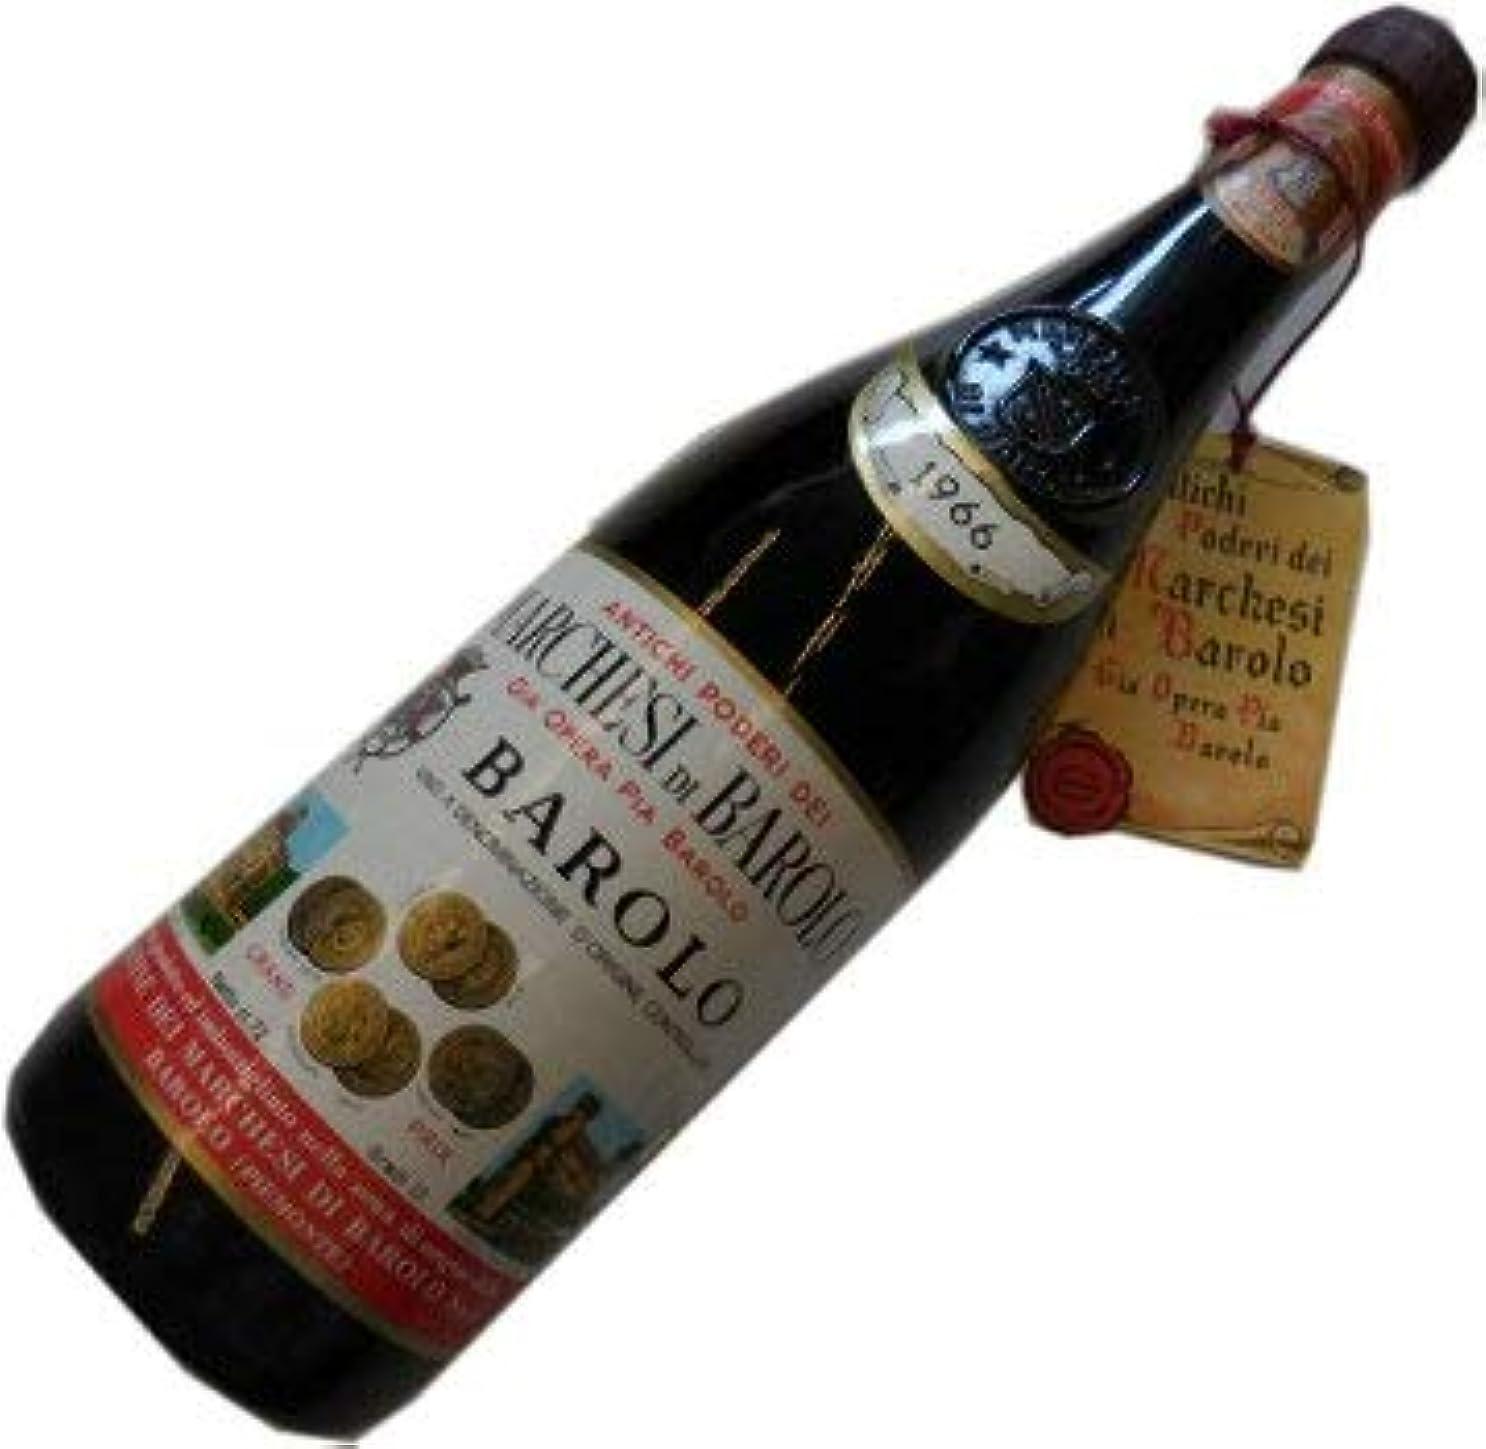 バンカーペナルティ一流昭和41年の誕生年ワイン 1966年 バローロ 赤 マルケージ?ディ?バローロ 箱入りギフトラッピング